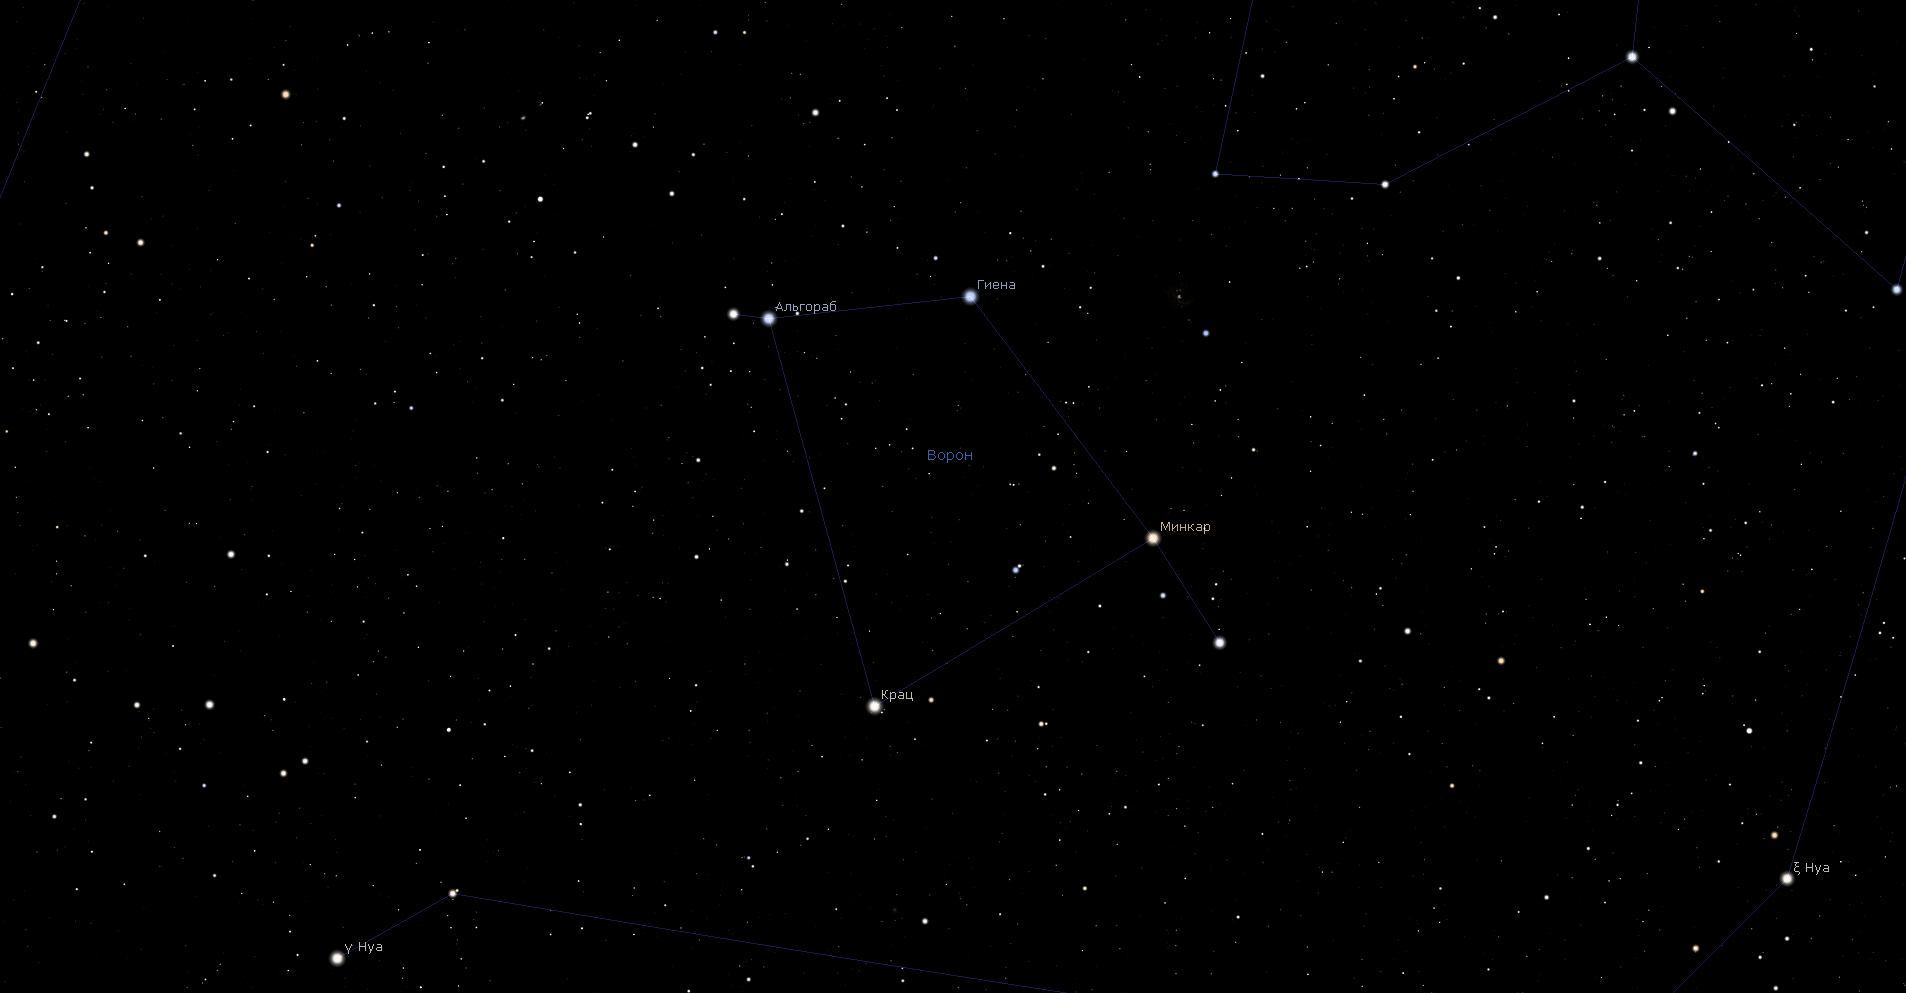 Созвездие Ворон, вид в программу планетарий Stellarium